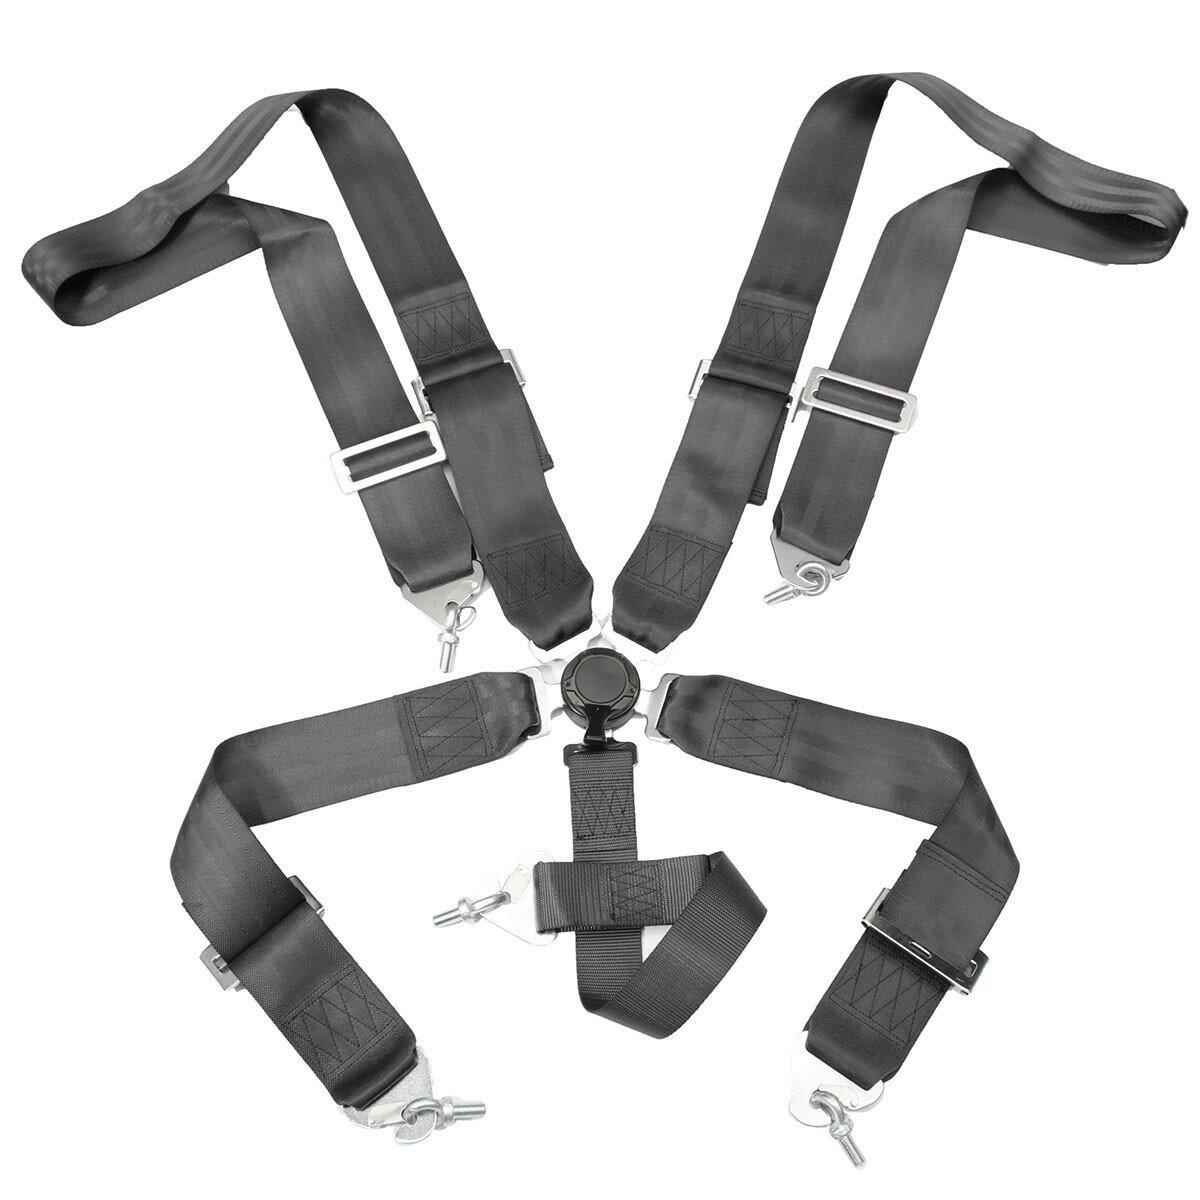 rencontrer 8dc14 191d0 5 points de sécurité de la course de la ceinture de sécurité de voiture de  course de verrouillage à came sangle réglable en nylon harnais